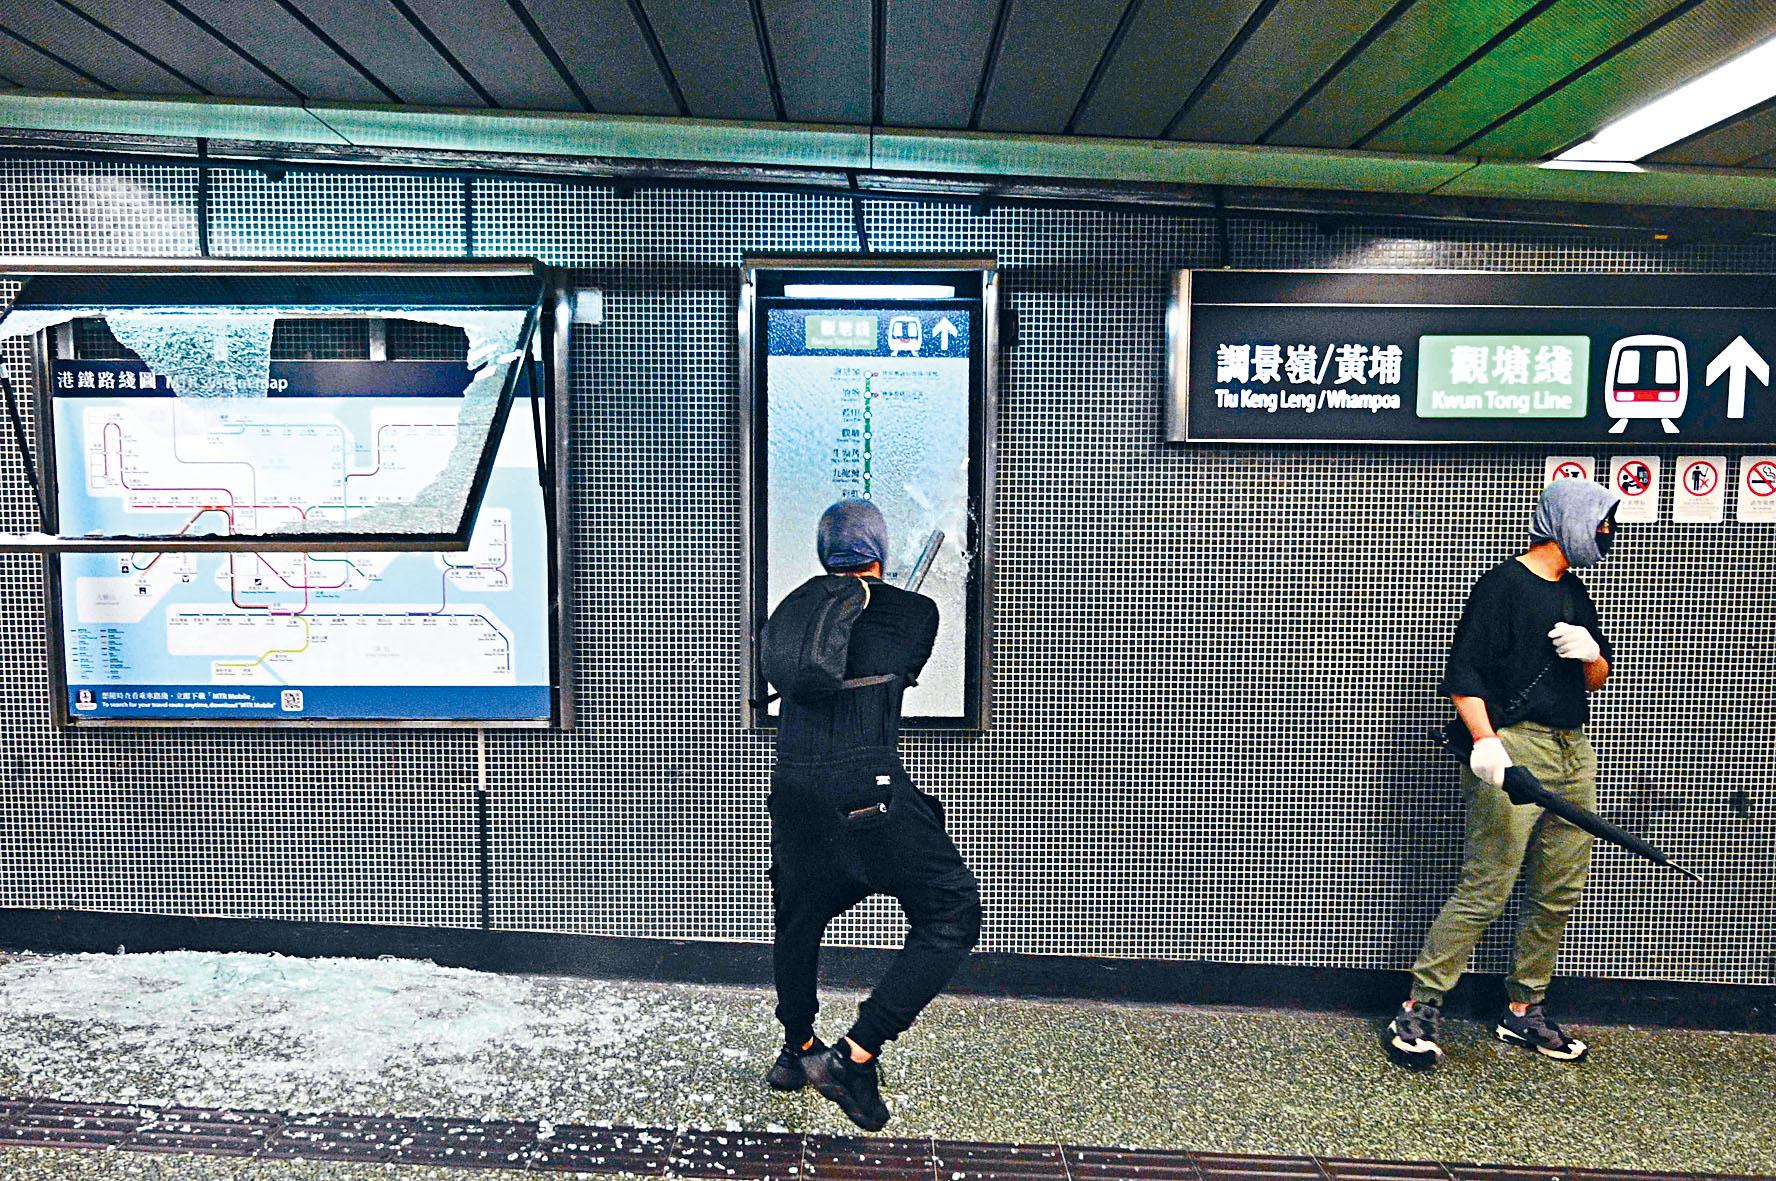 ■示威者在港鐵鑽石山站破壞告示牌玻璃。法新社